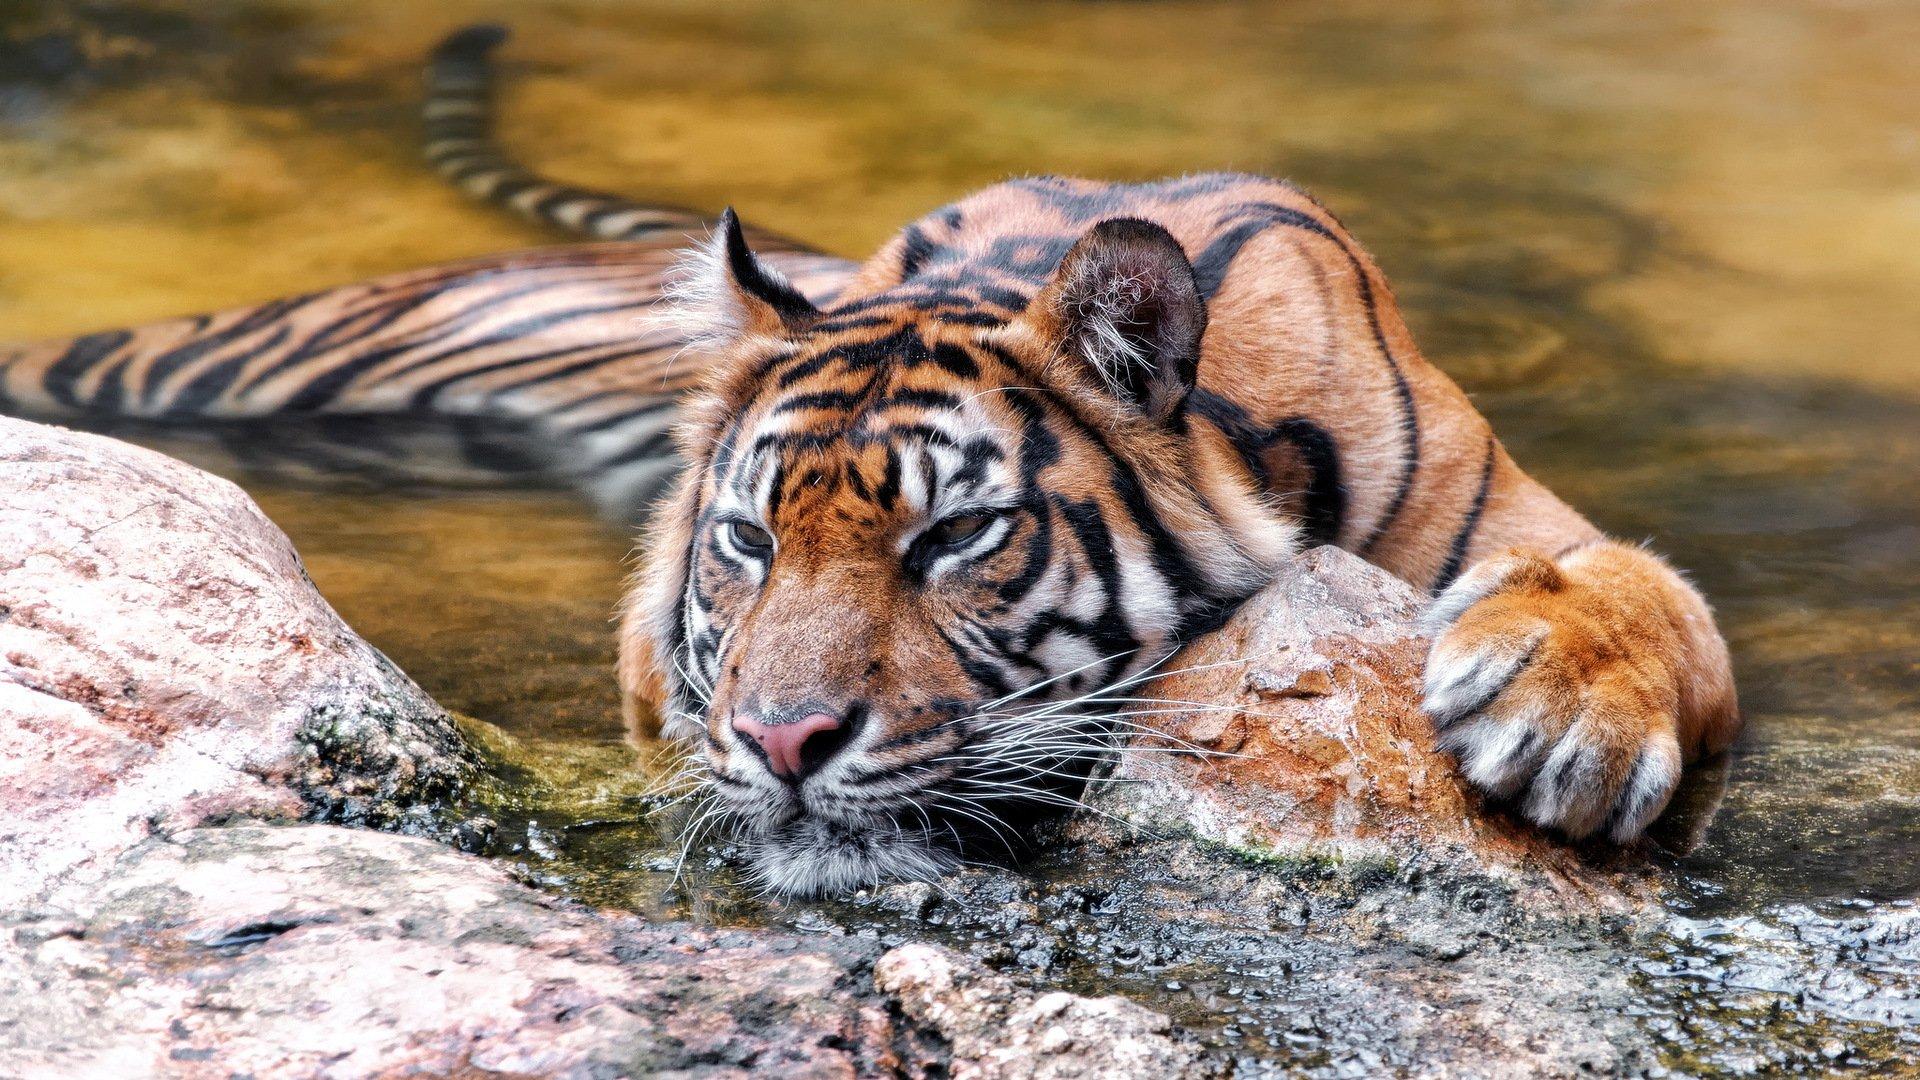 картинка для экрана тигр для проведения